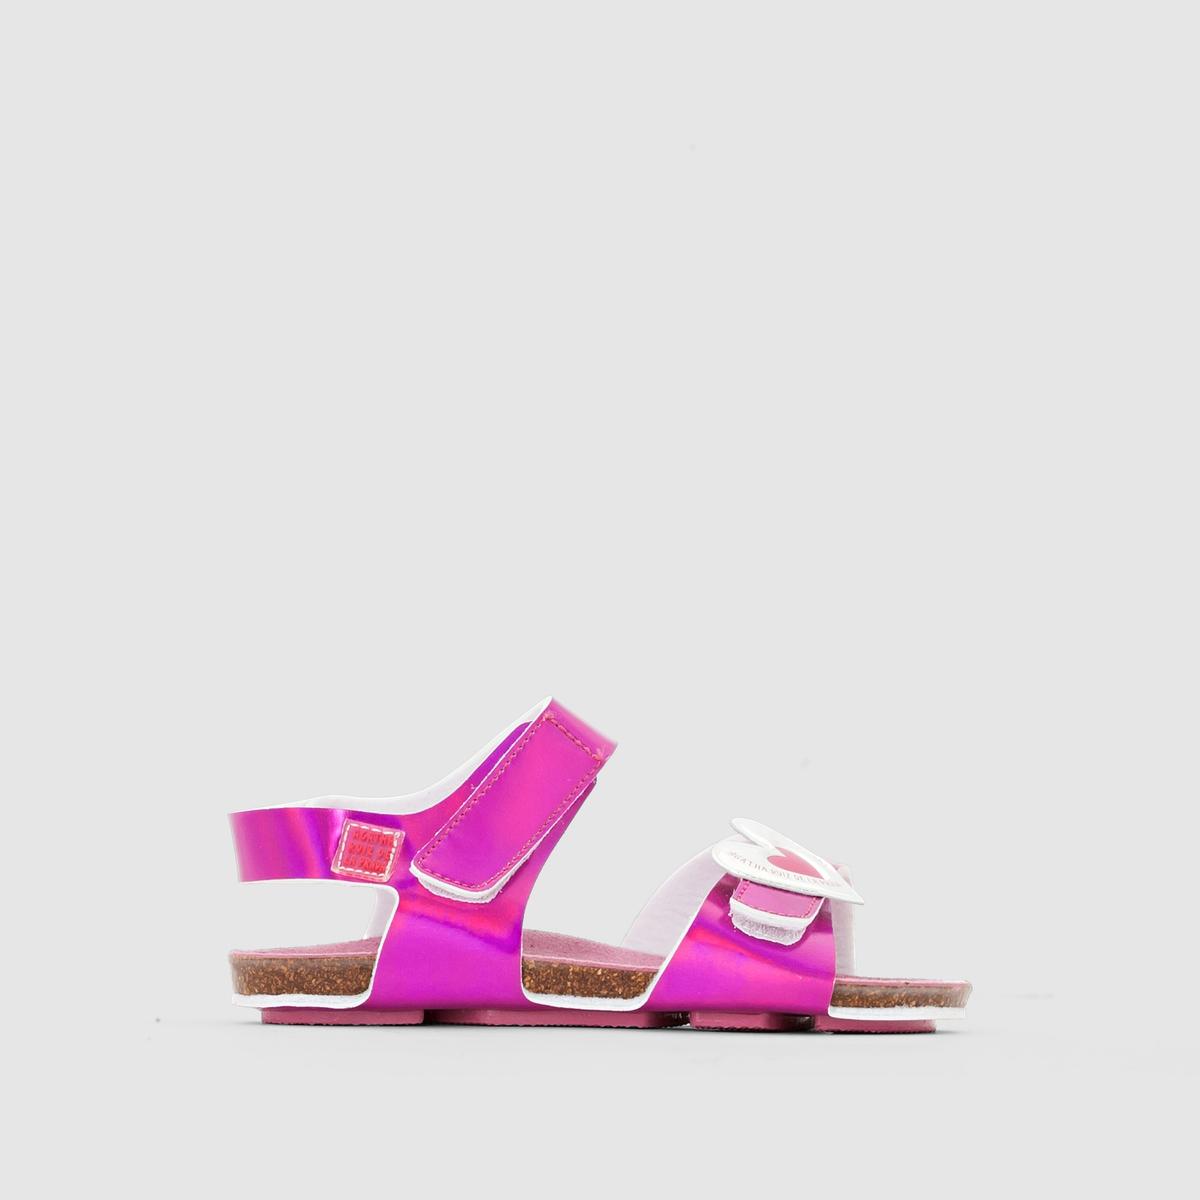 Сандалии открытые AGATHA RUIZ DE LA PRADA BIO CORAZONОткрытые сандалии с  радужнымиремешками и сердечком  BIO CORAZON от  AGATHA RUIZ DE LA PRADA.Верх : синтетика.Подкладка : синтетика.Стелька : кожа.Подошва : каучук.Застежка : планки-велкро.Очаровательные сандалии, которые легко надевать и снимать благодаря  планкам-велкро и  которые подойдут к любому наряду юной модницы: не оставят  и вас равнодушным!<br><br>Цвет: розовый металлик<br>Размер: 22.23.26